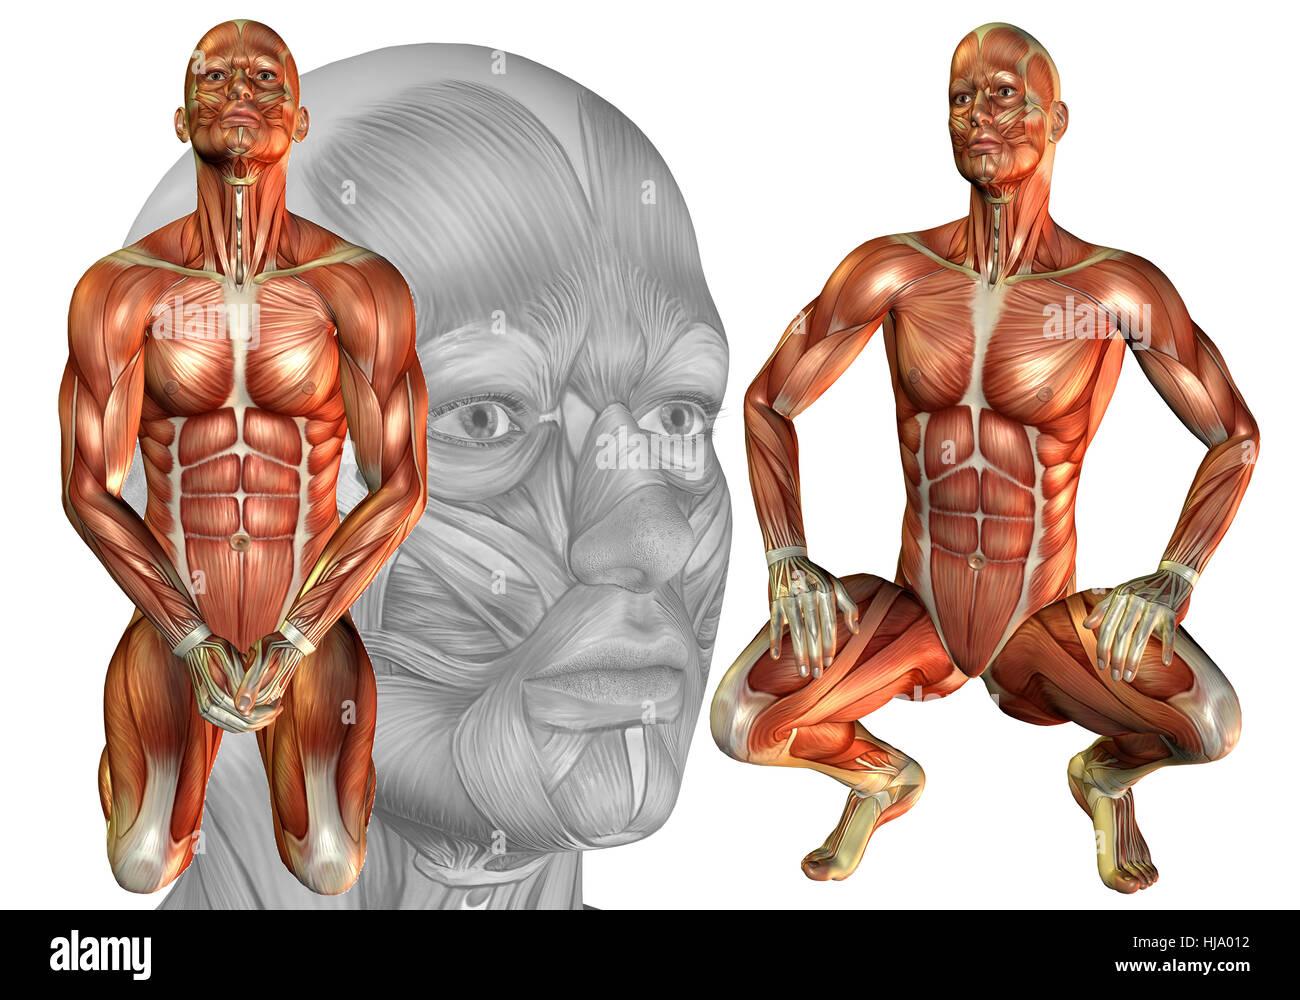 Wunderbar Fallen Muskel Fotos - Menschliche Anatomie Bilder ...